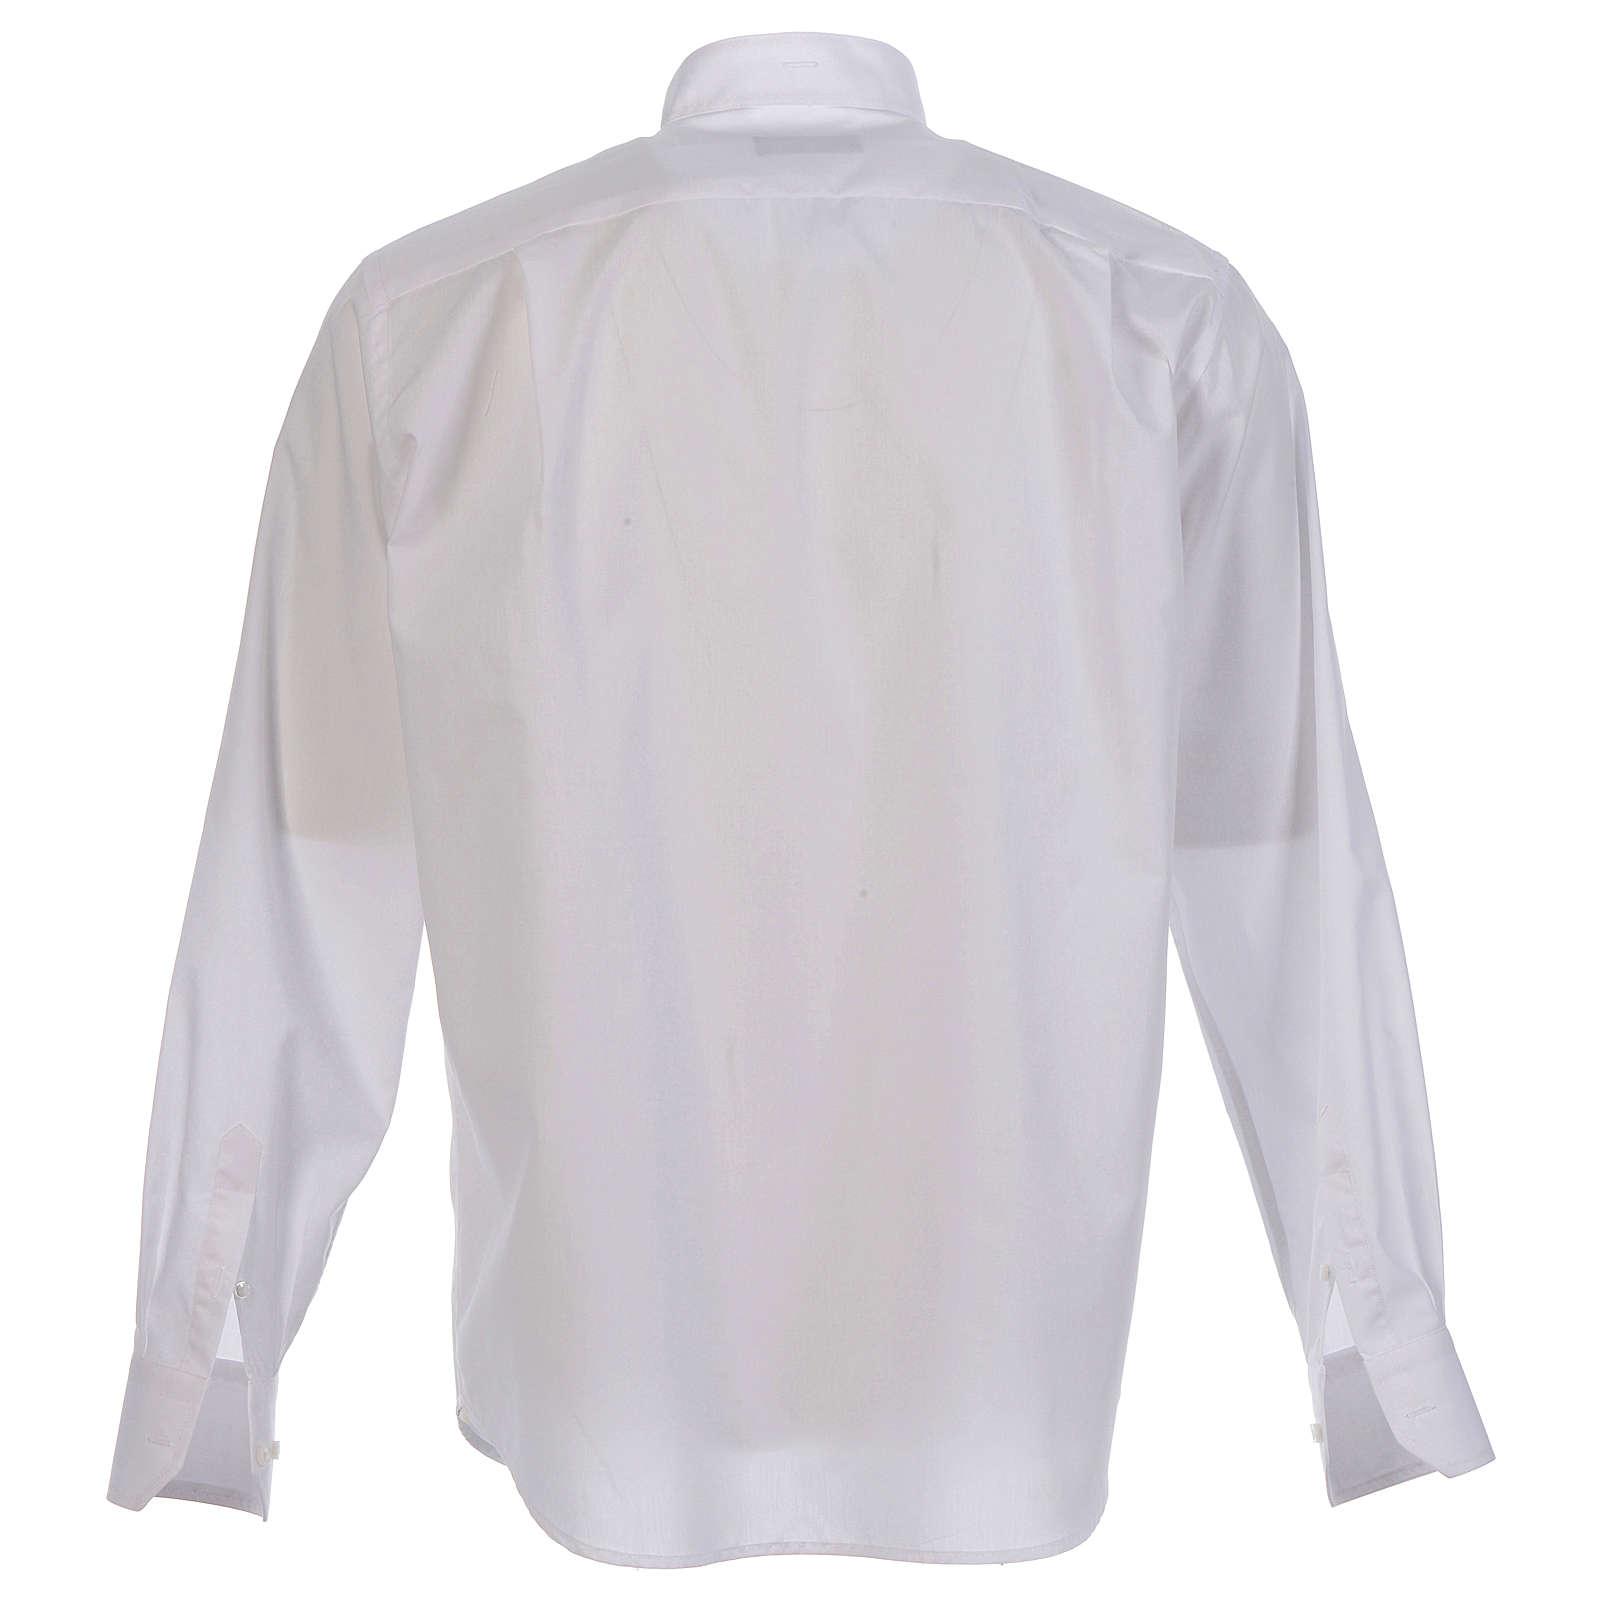 Camicia clergy sotto talare collo aperto manica lunga 4